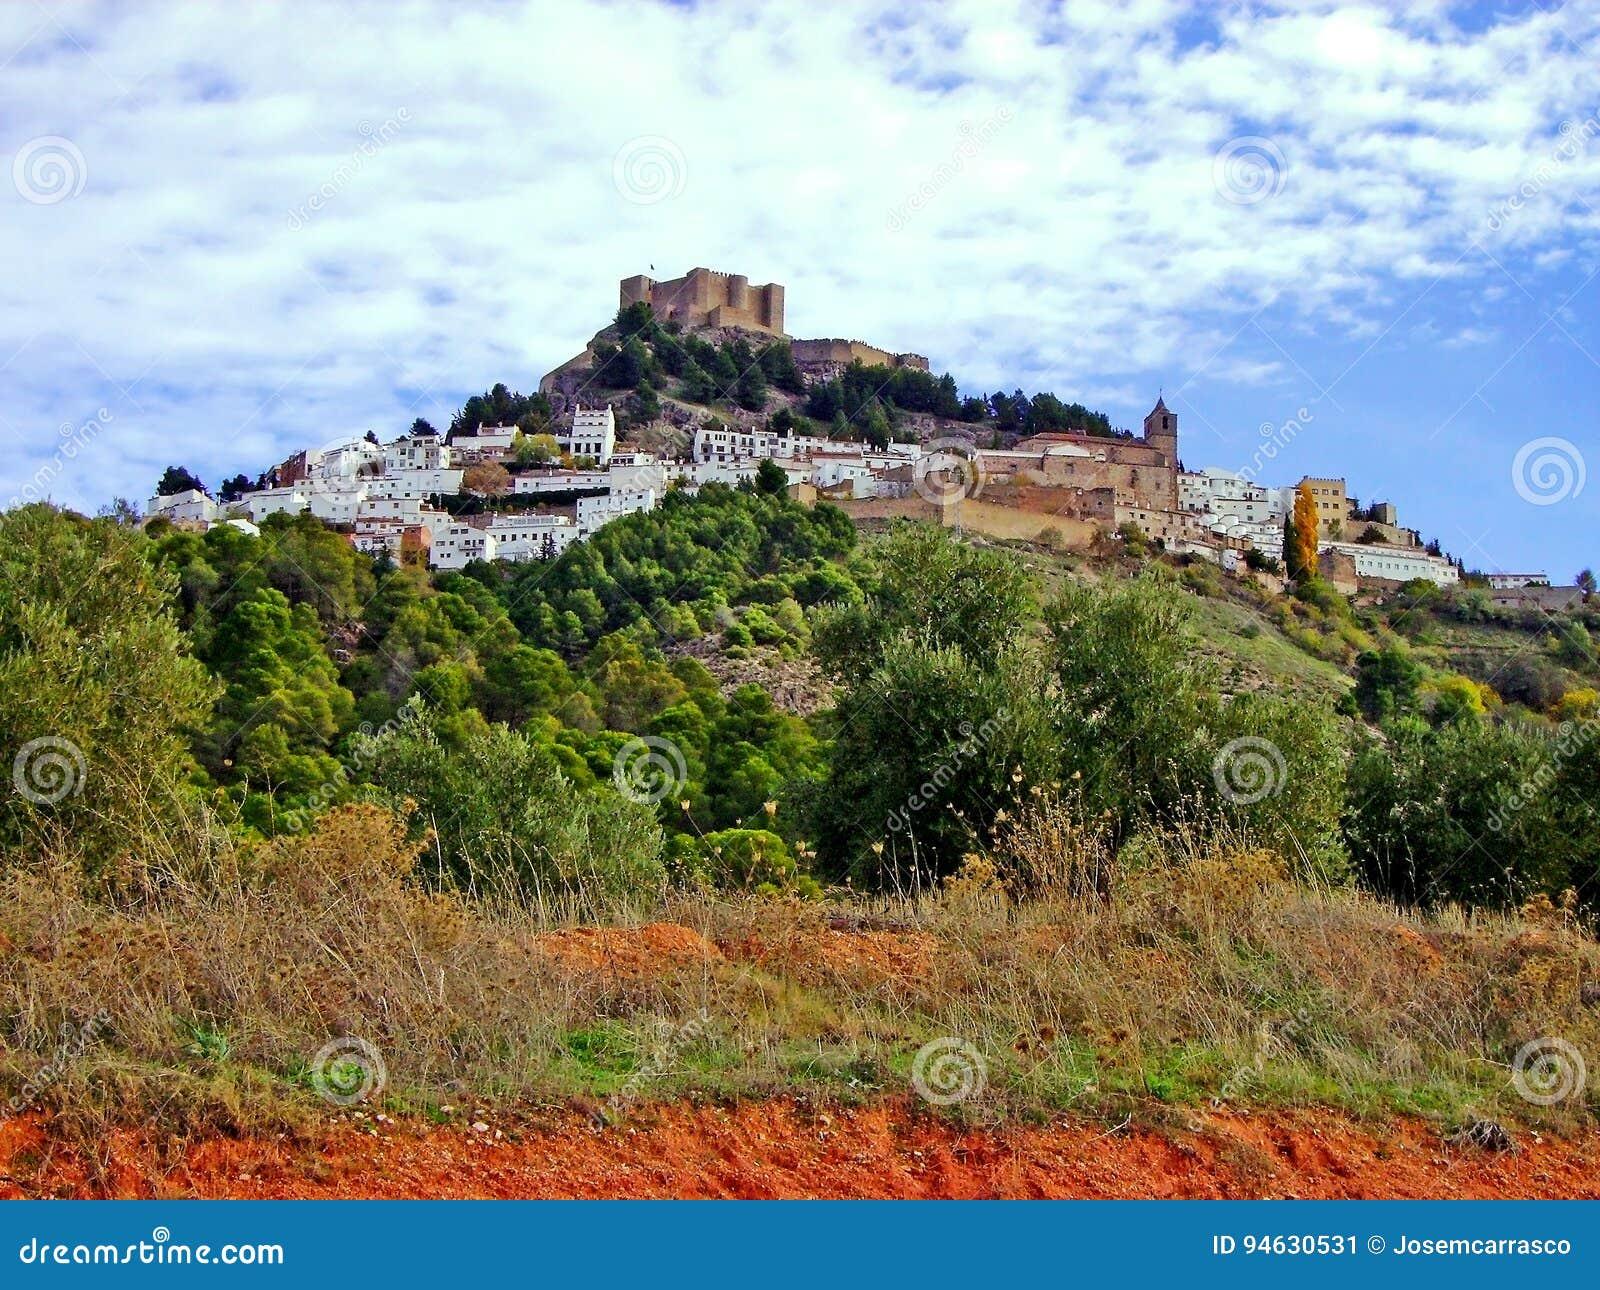 村庄塞古拉德拉谢拉,哈恩省 安大路西亚 西班牙